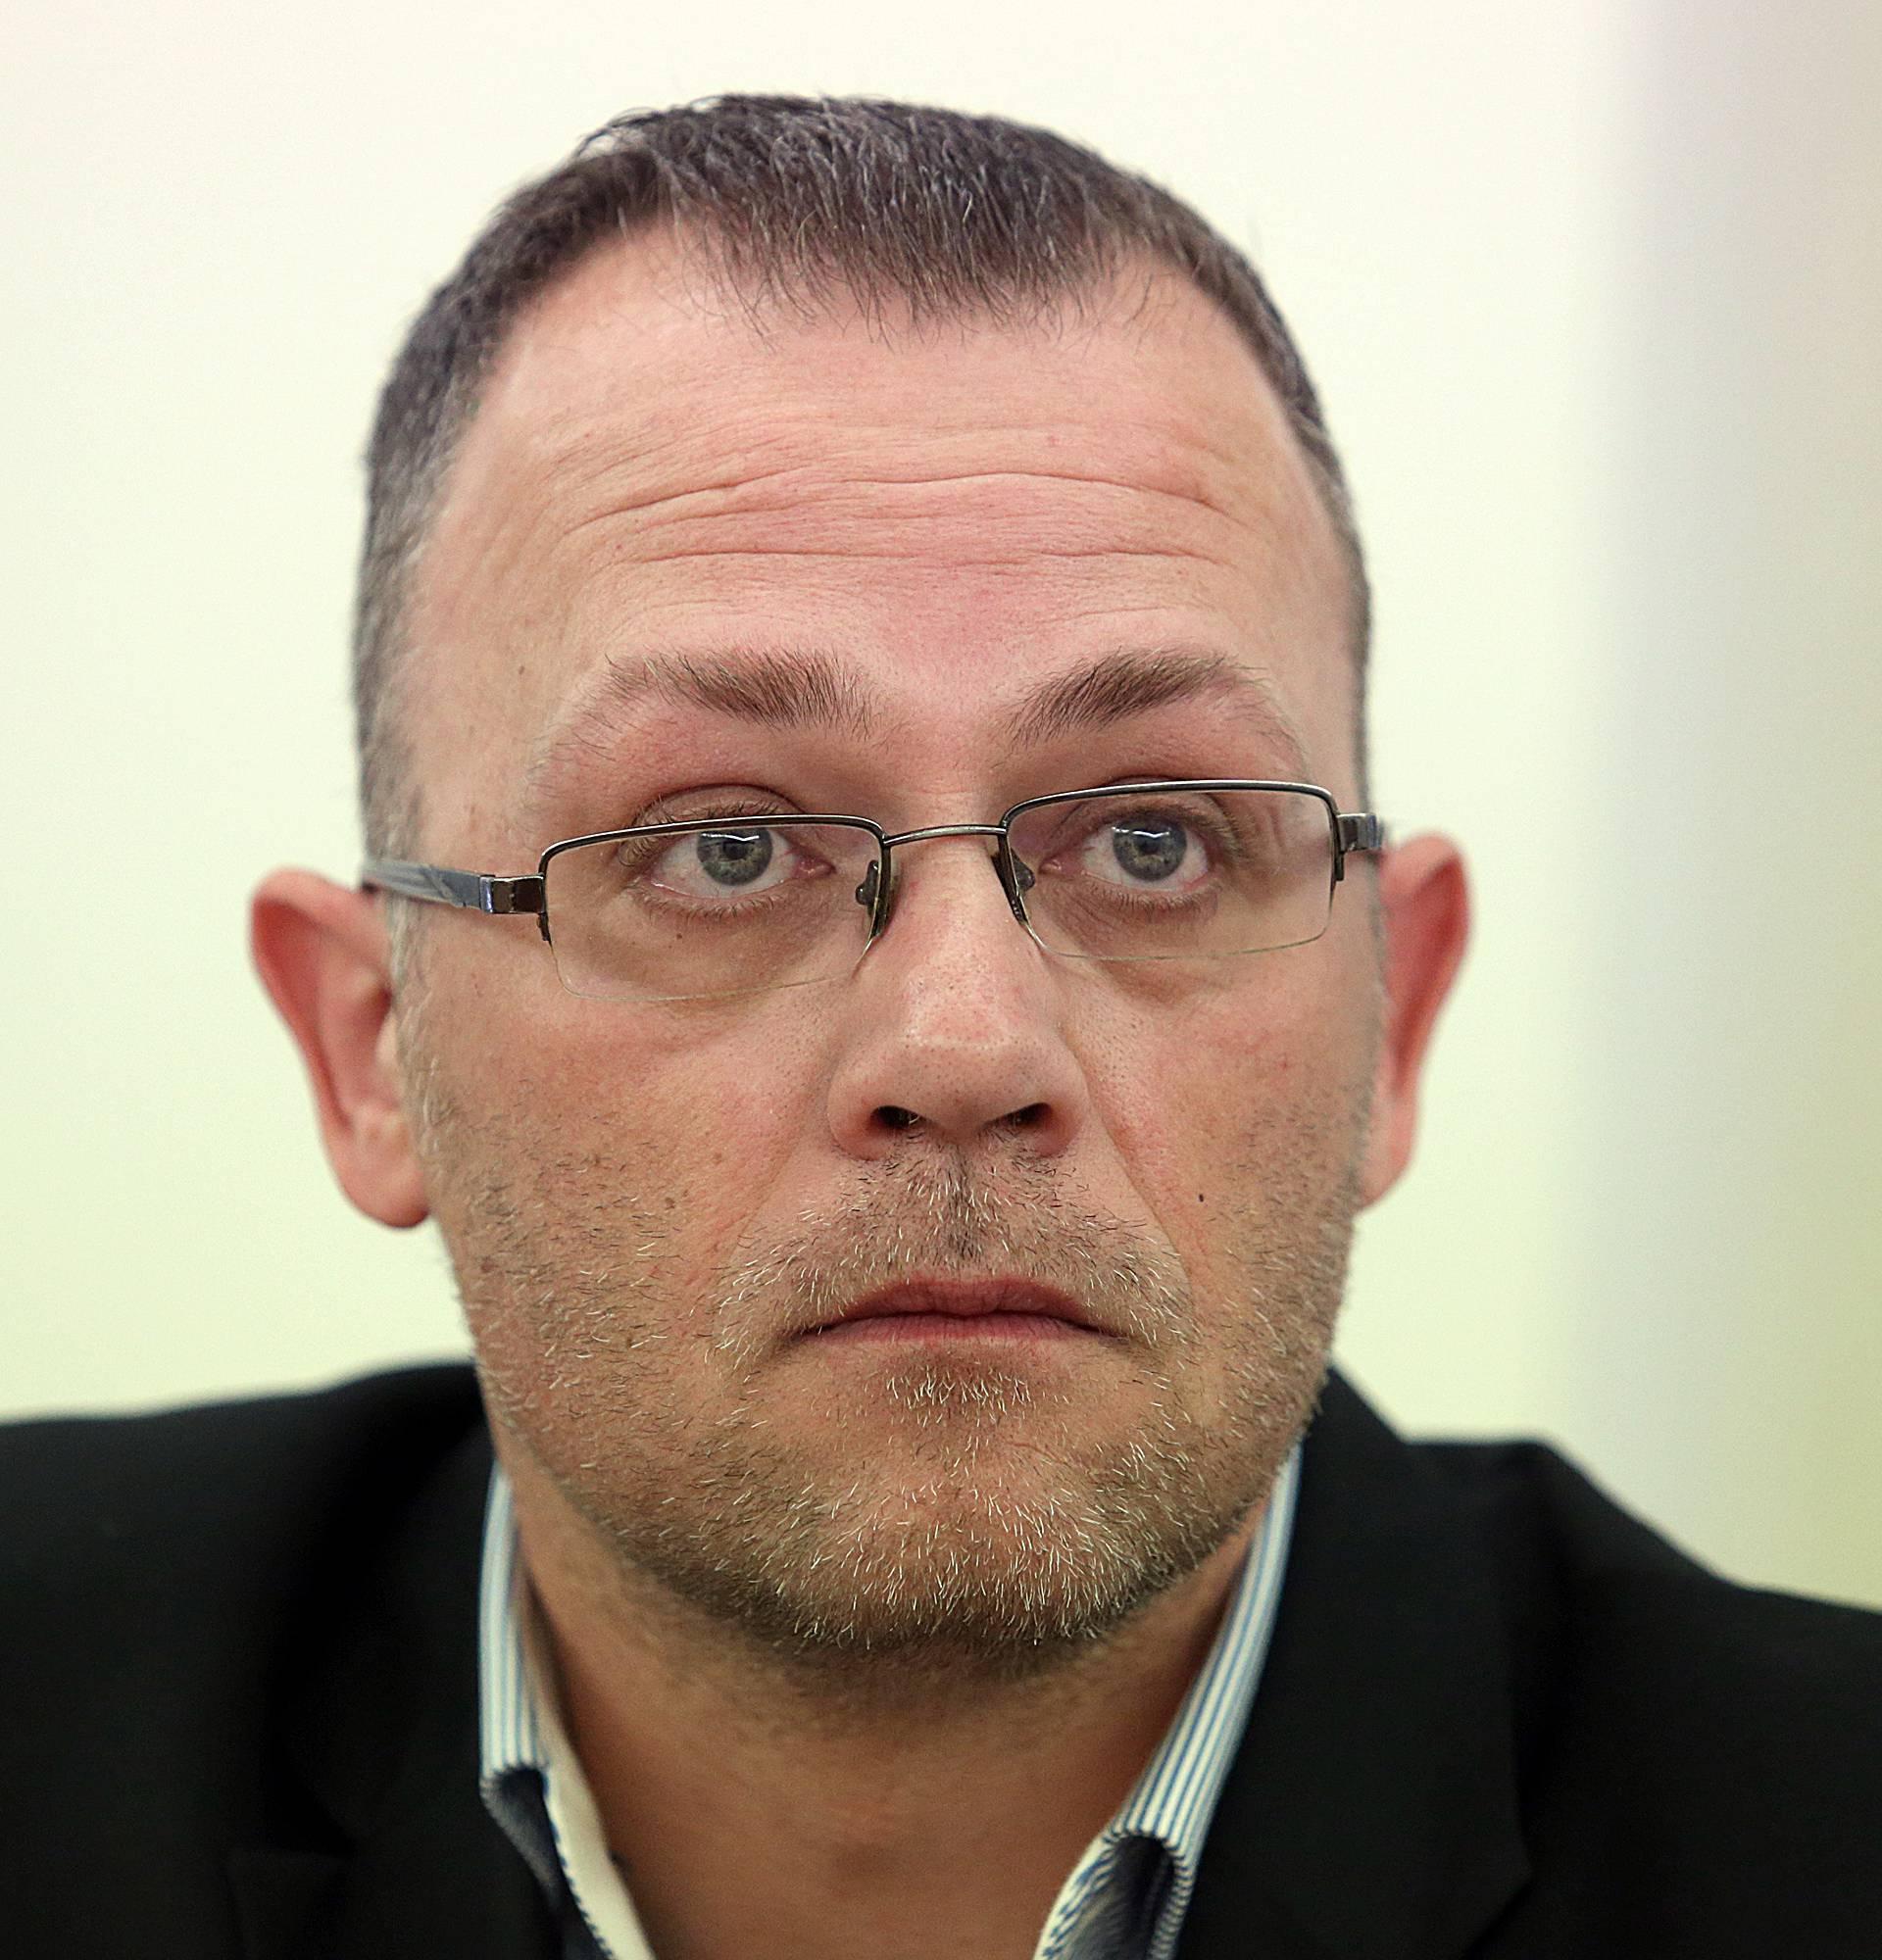 Oporbeni zastupnici zatražili interpelaciju o Hasanbegoviću